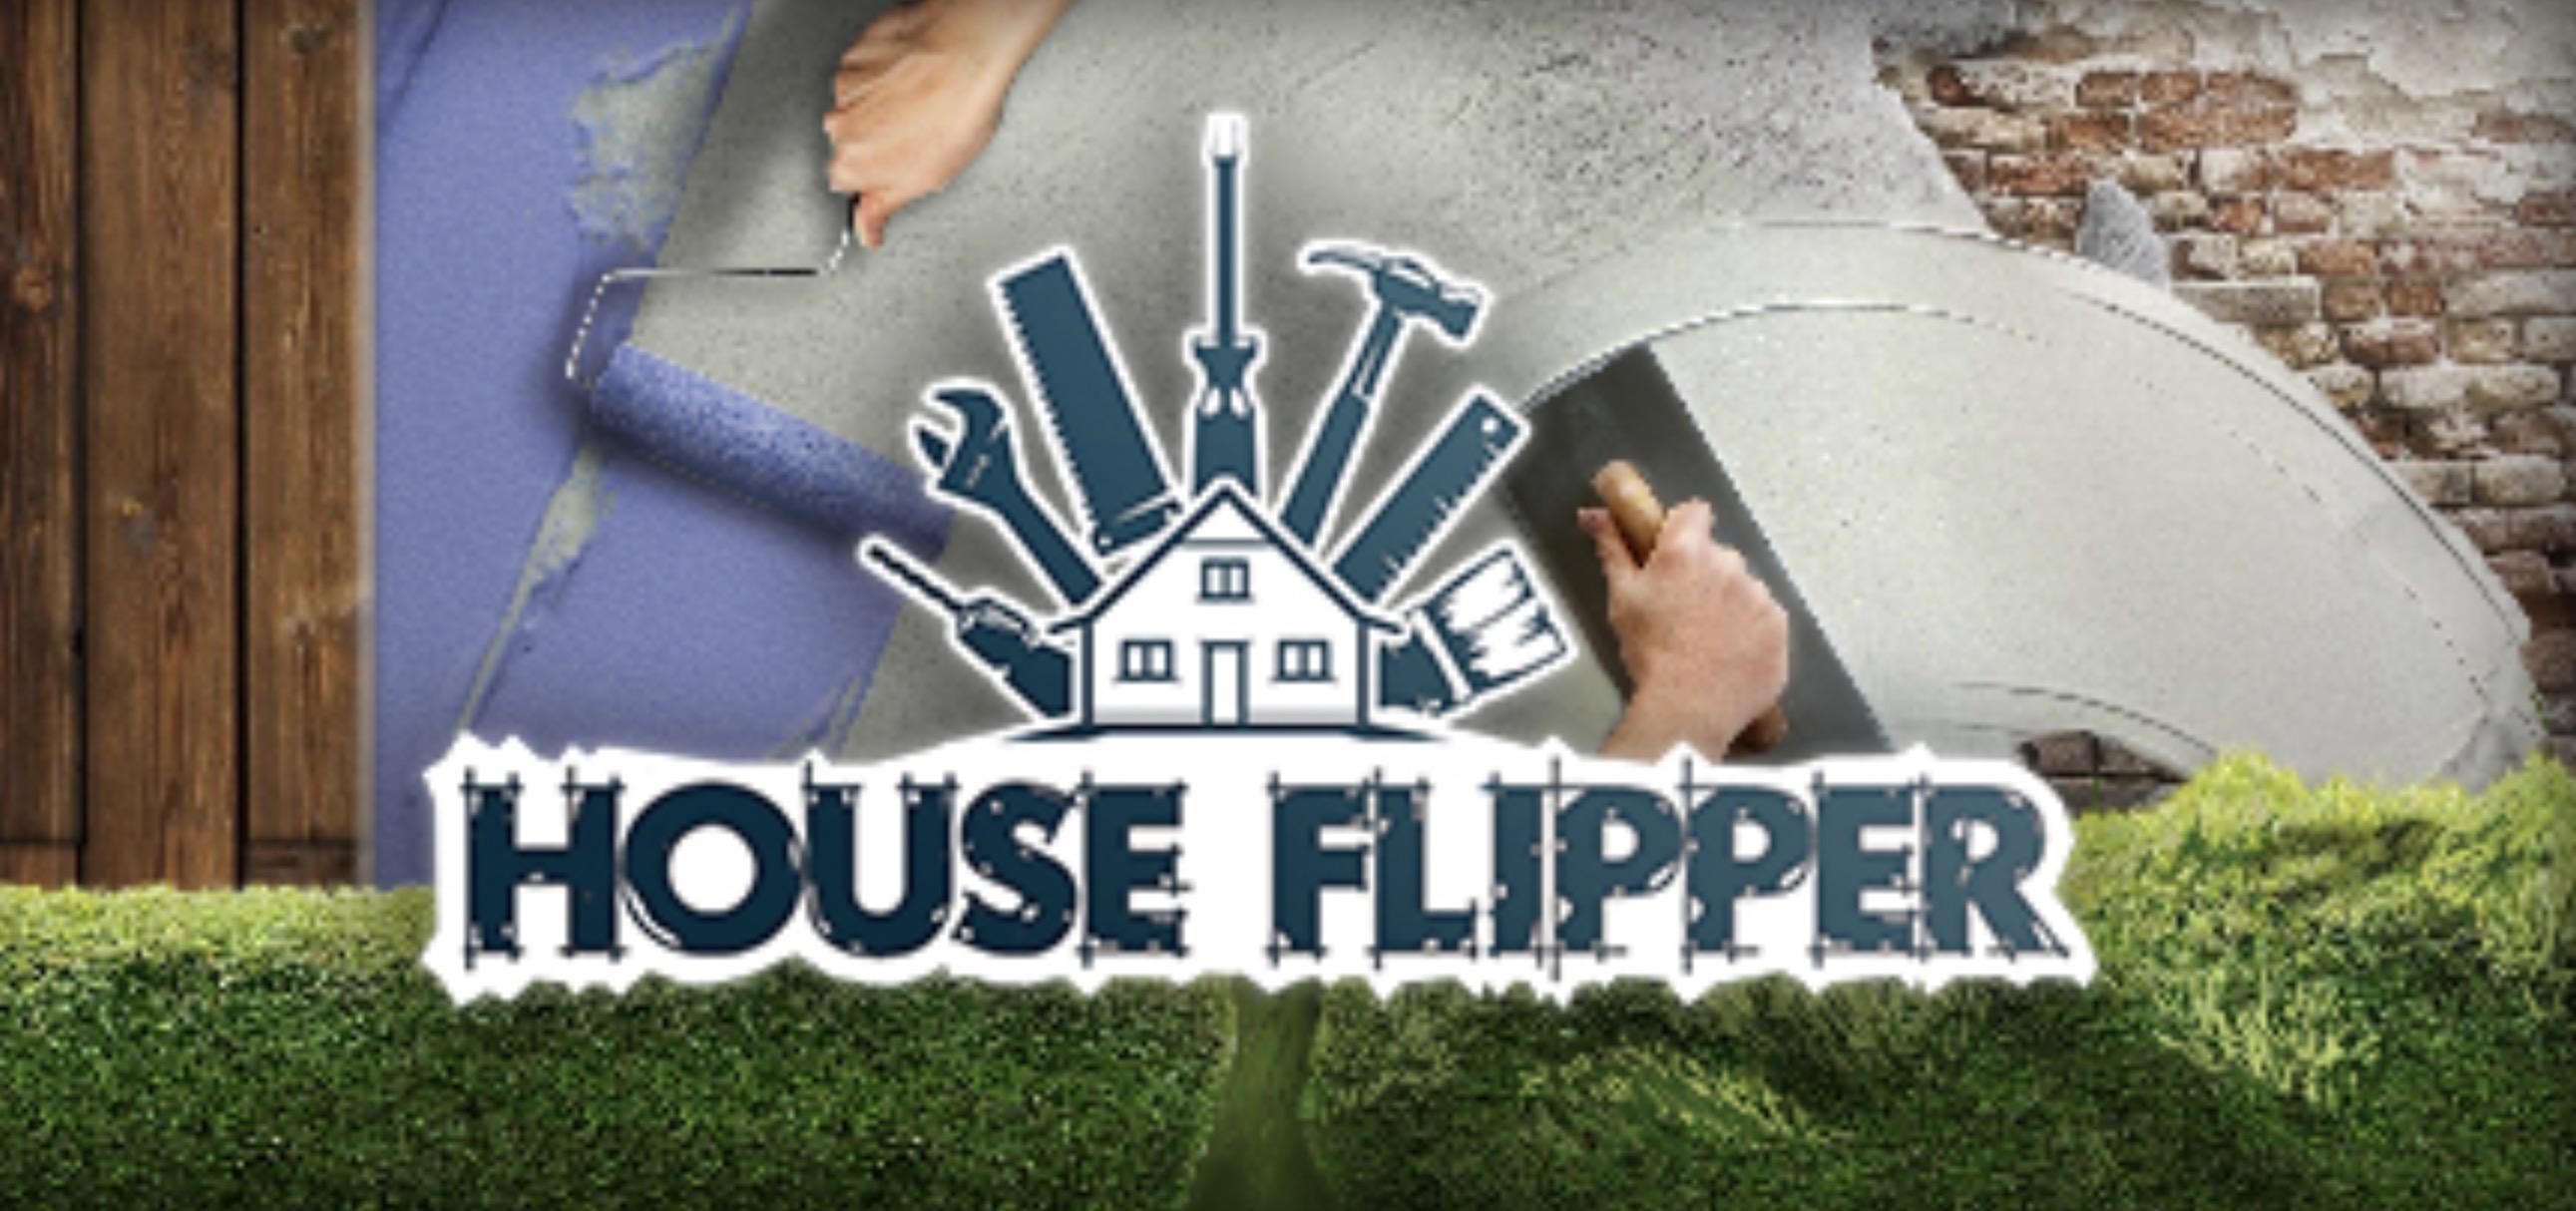 Vi strømmer House Flipper